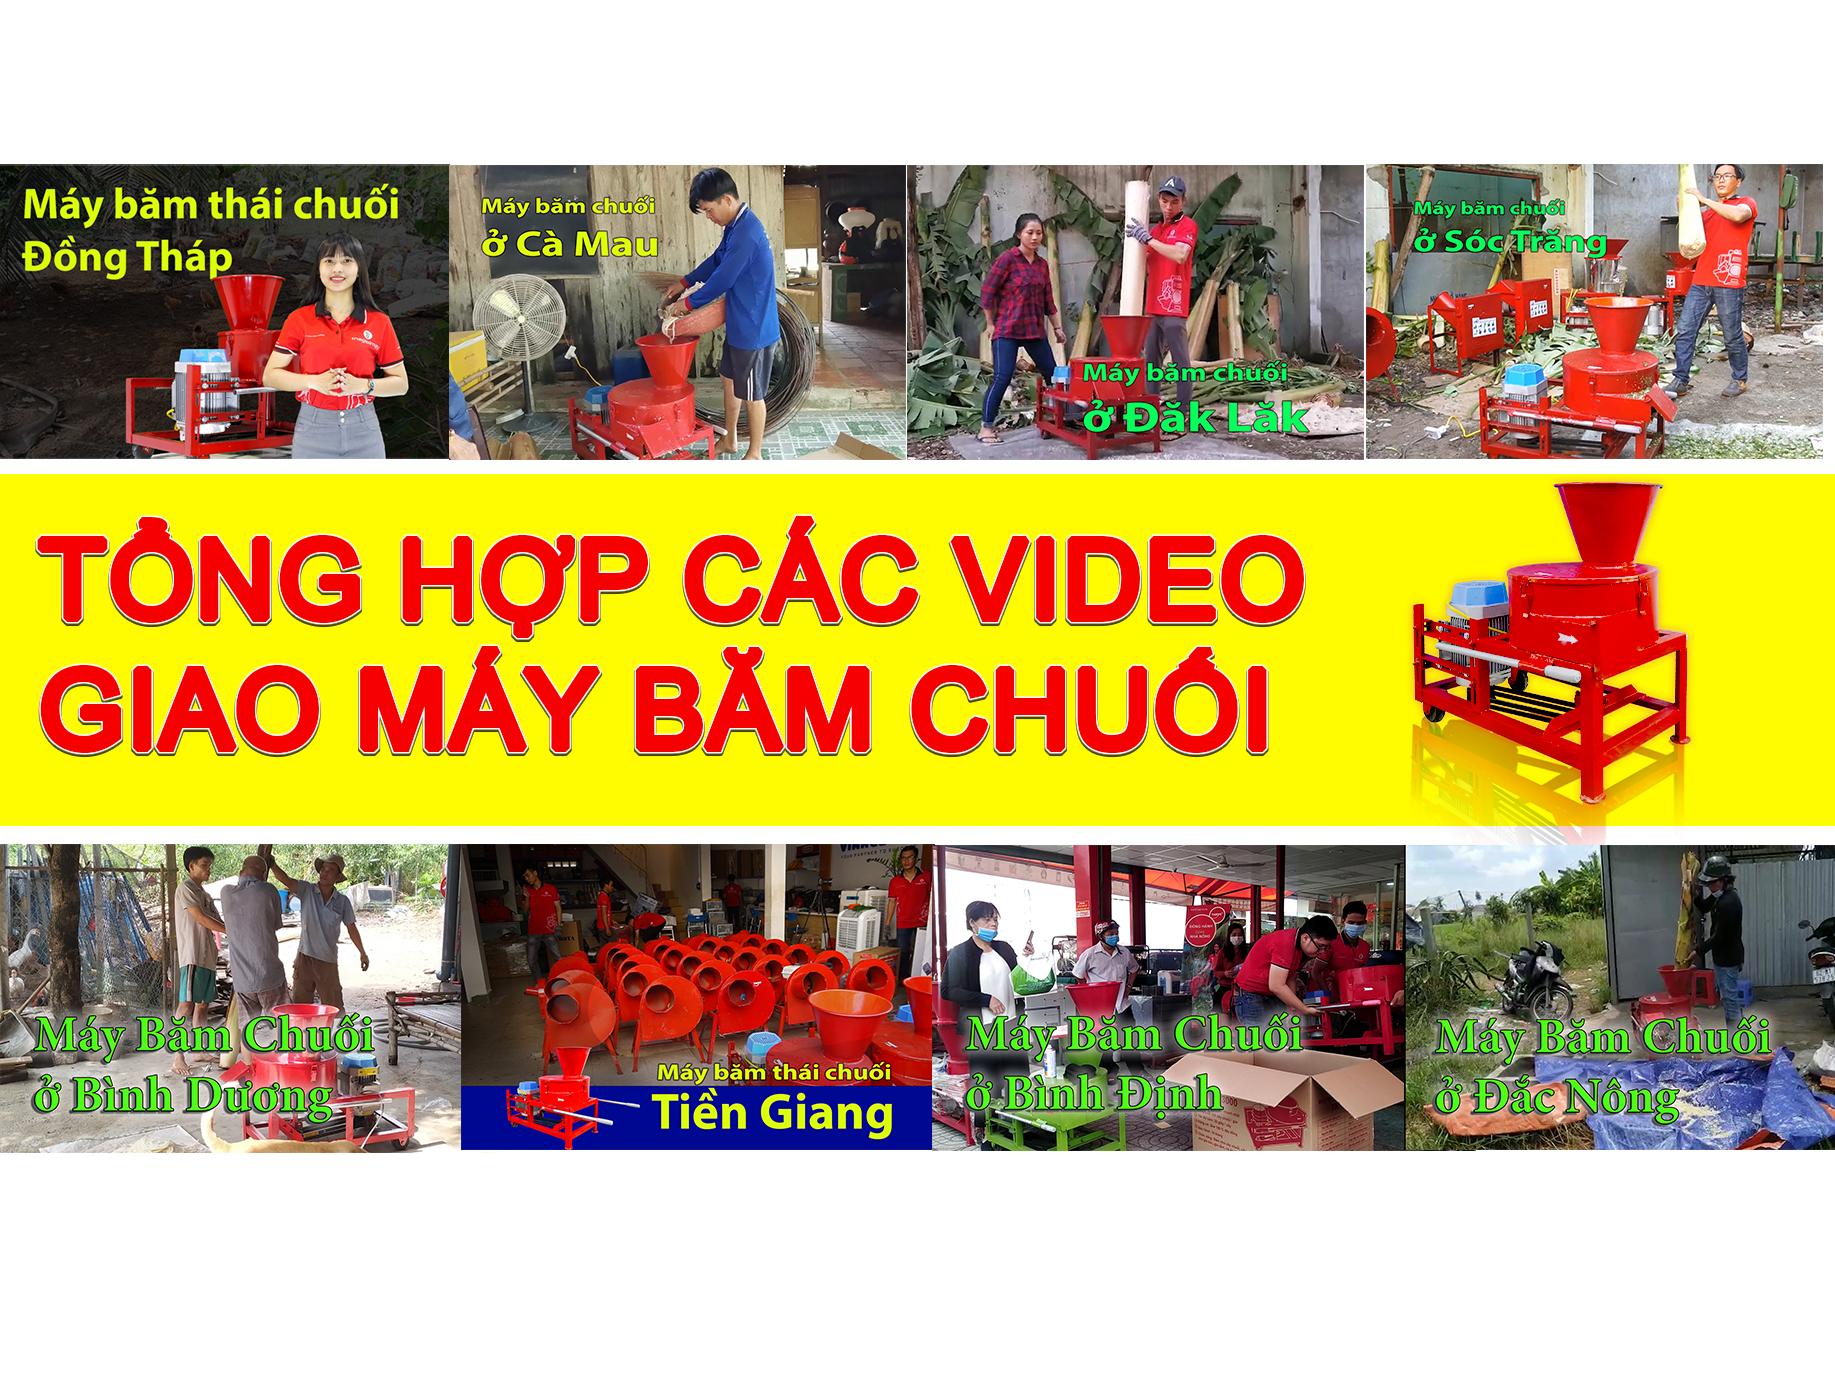 Tổng hợp các video giao máy băm chuối TAKYO TK 3000 cho khách hàng